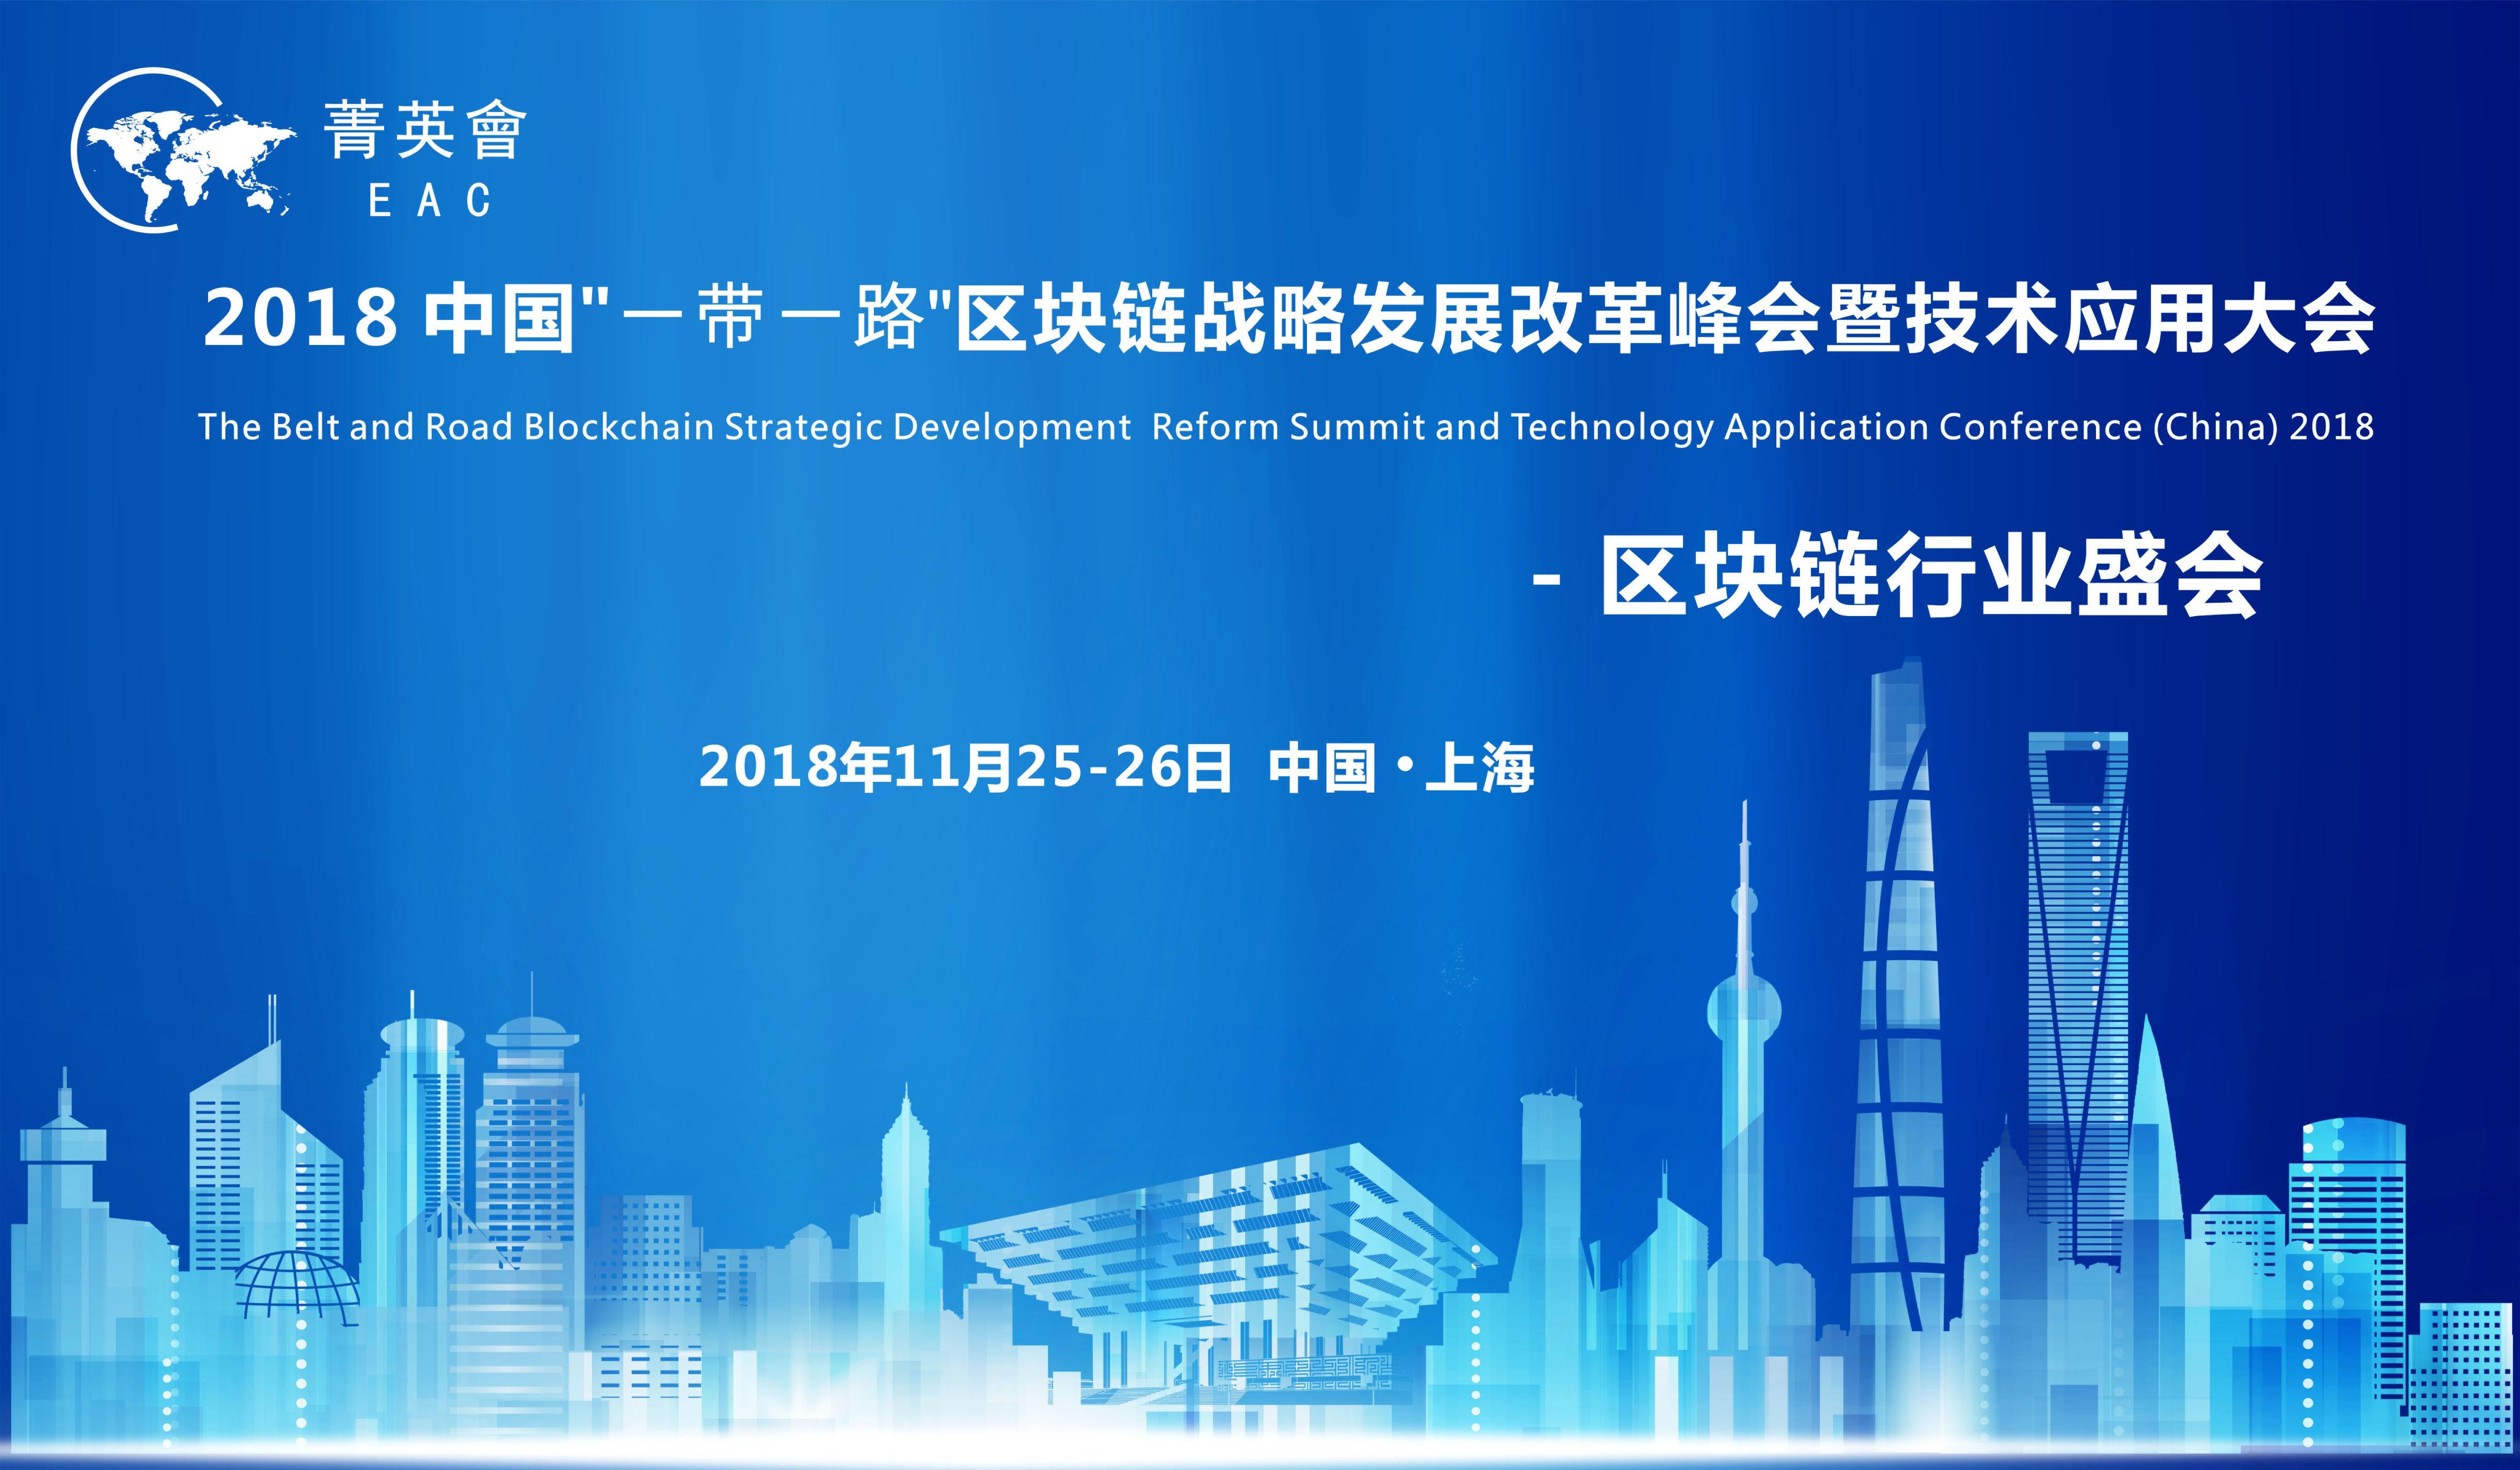 2018中国一带一路区块链战略发展改革峰会(简称WB0)